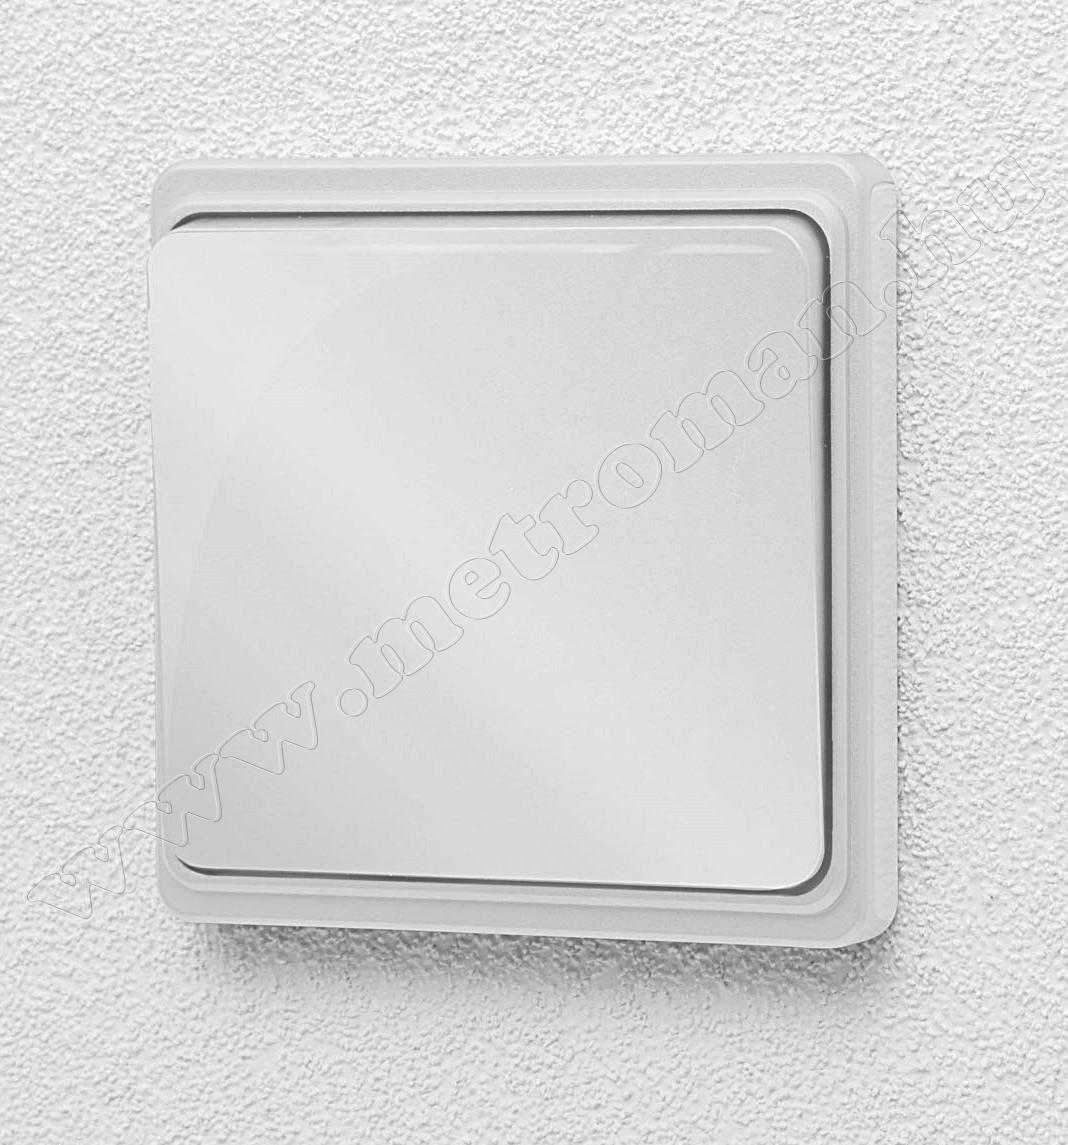 Kinetic elem nélküli, vezeték nélküli kapcsoló E27-es foglalattal Delight 55351A